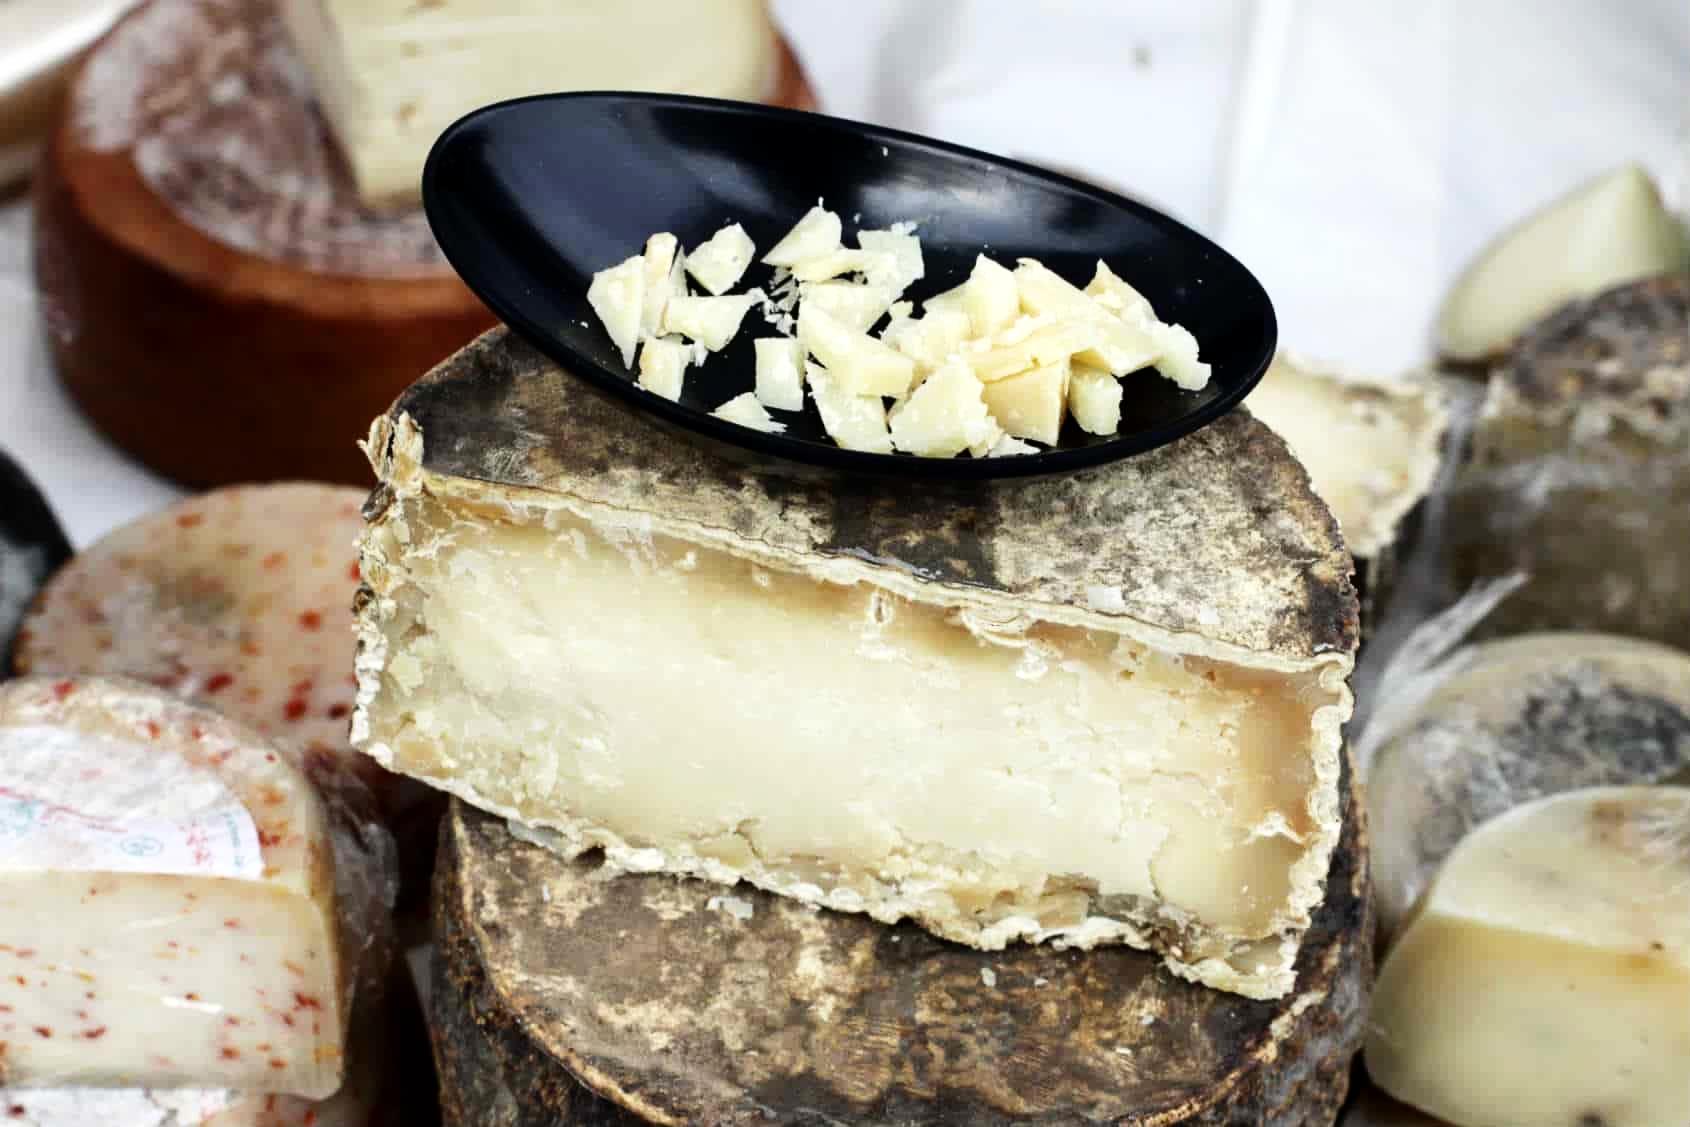 organizzare una degustazione e promuoverla con il supporto del marketing locale digitale e valorizzazione del formaggio pecorino